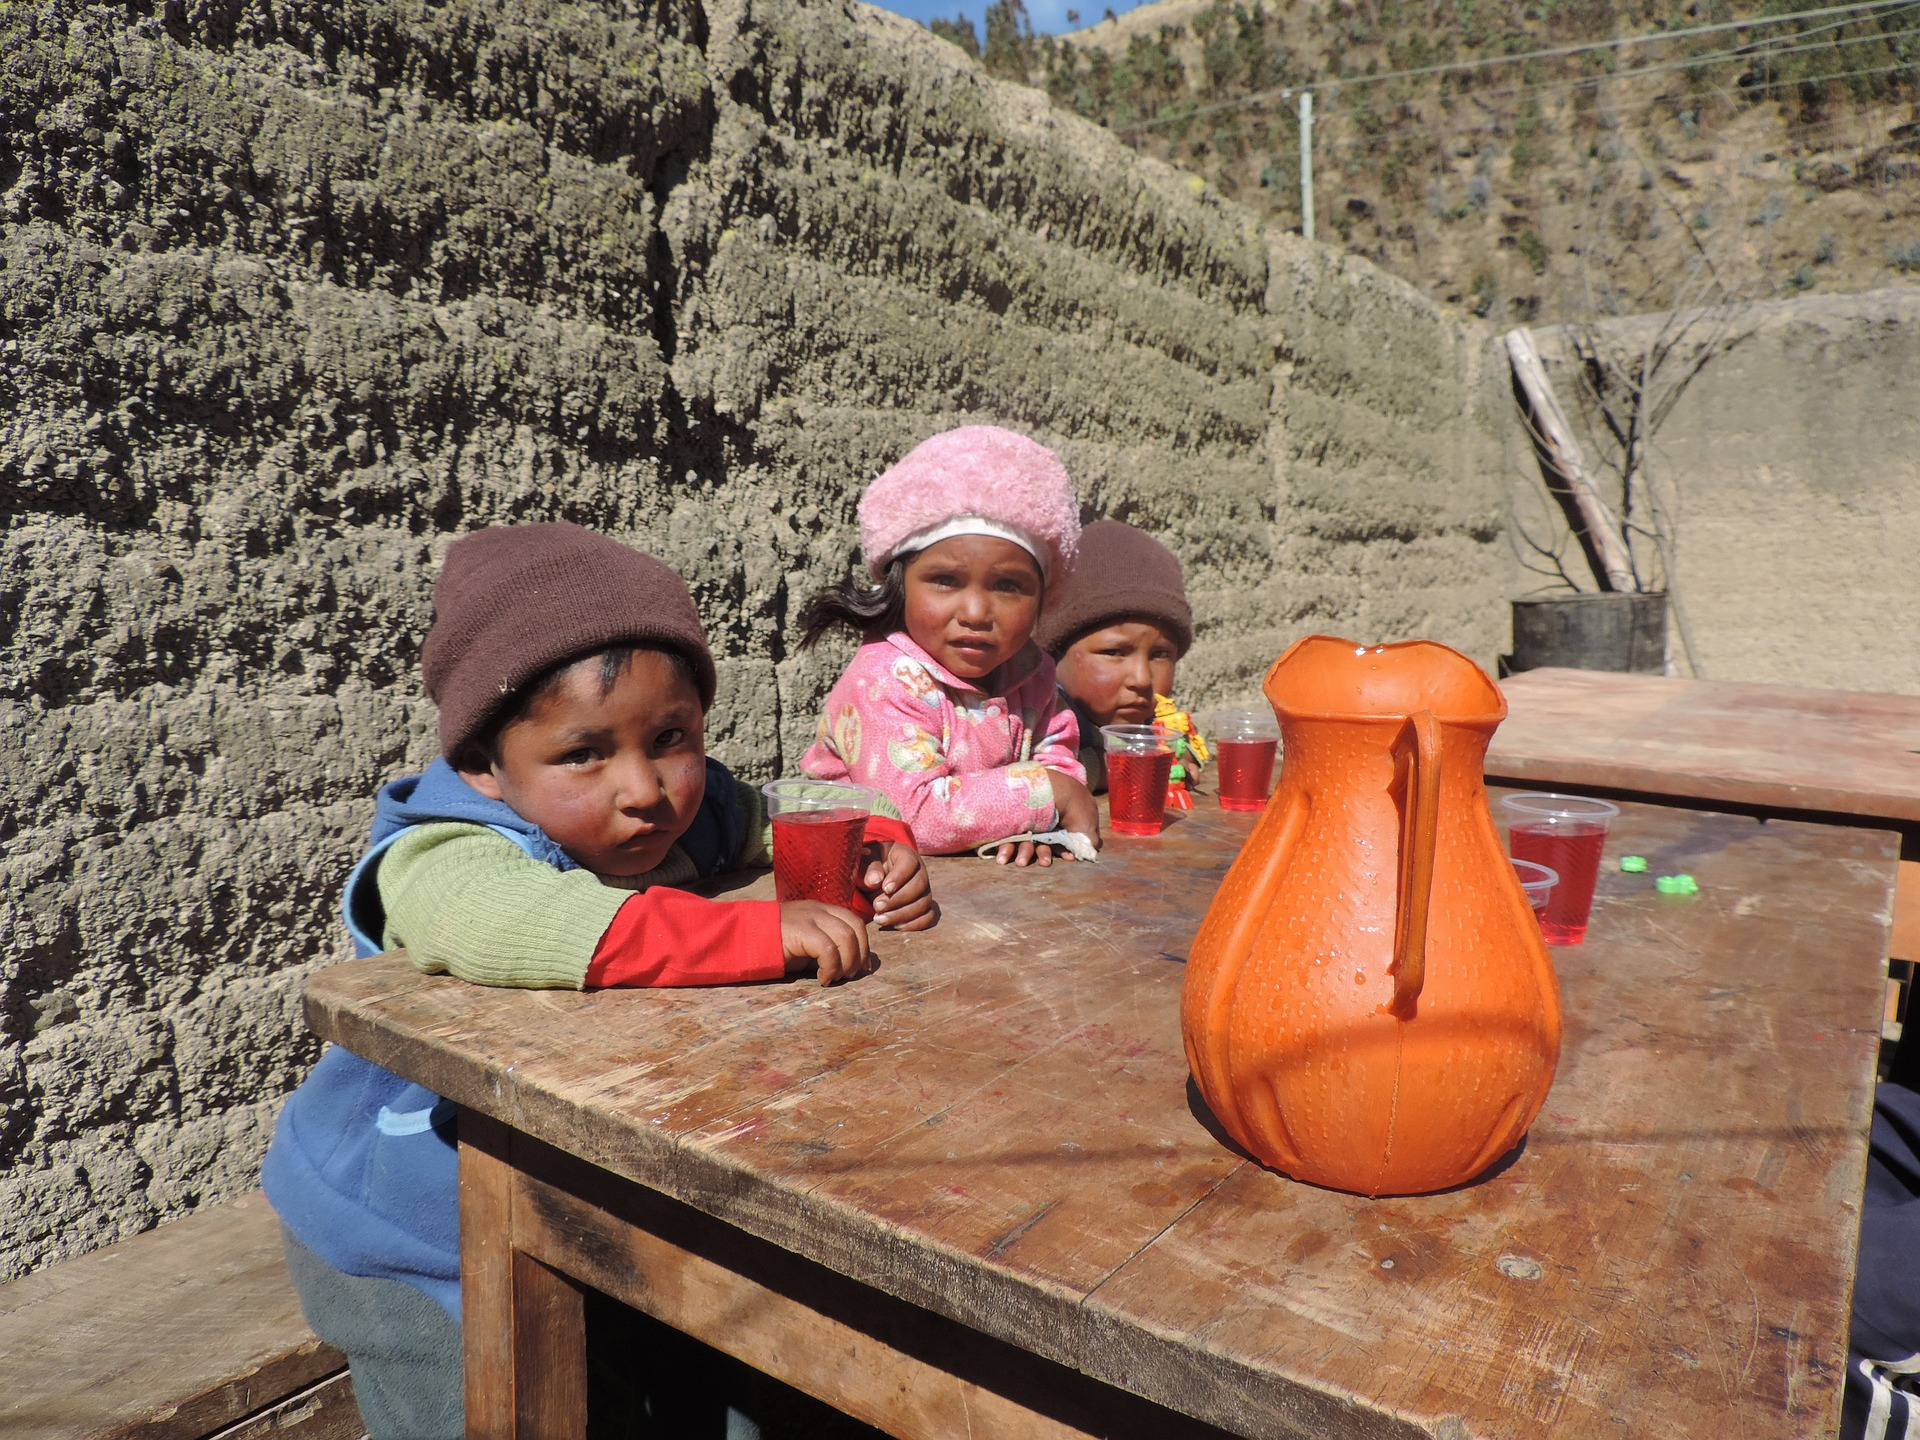 Volontariato internazionale in Bolivia in un orfanotrofio per supportare bambini e ragazzi